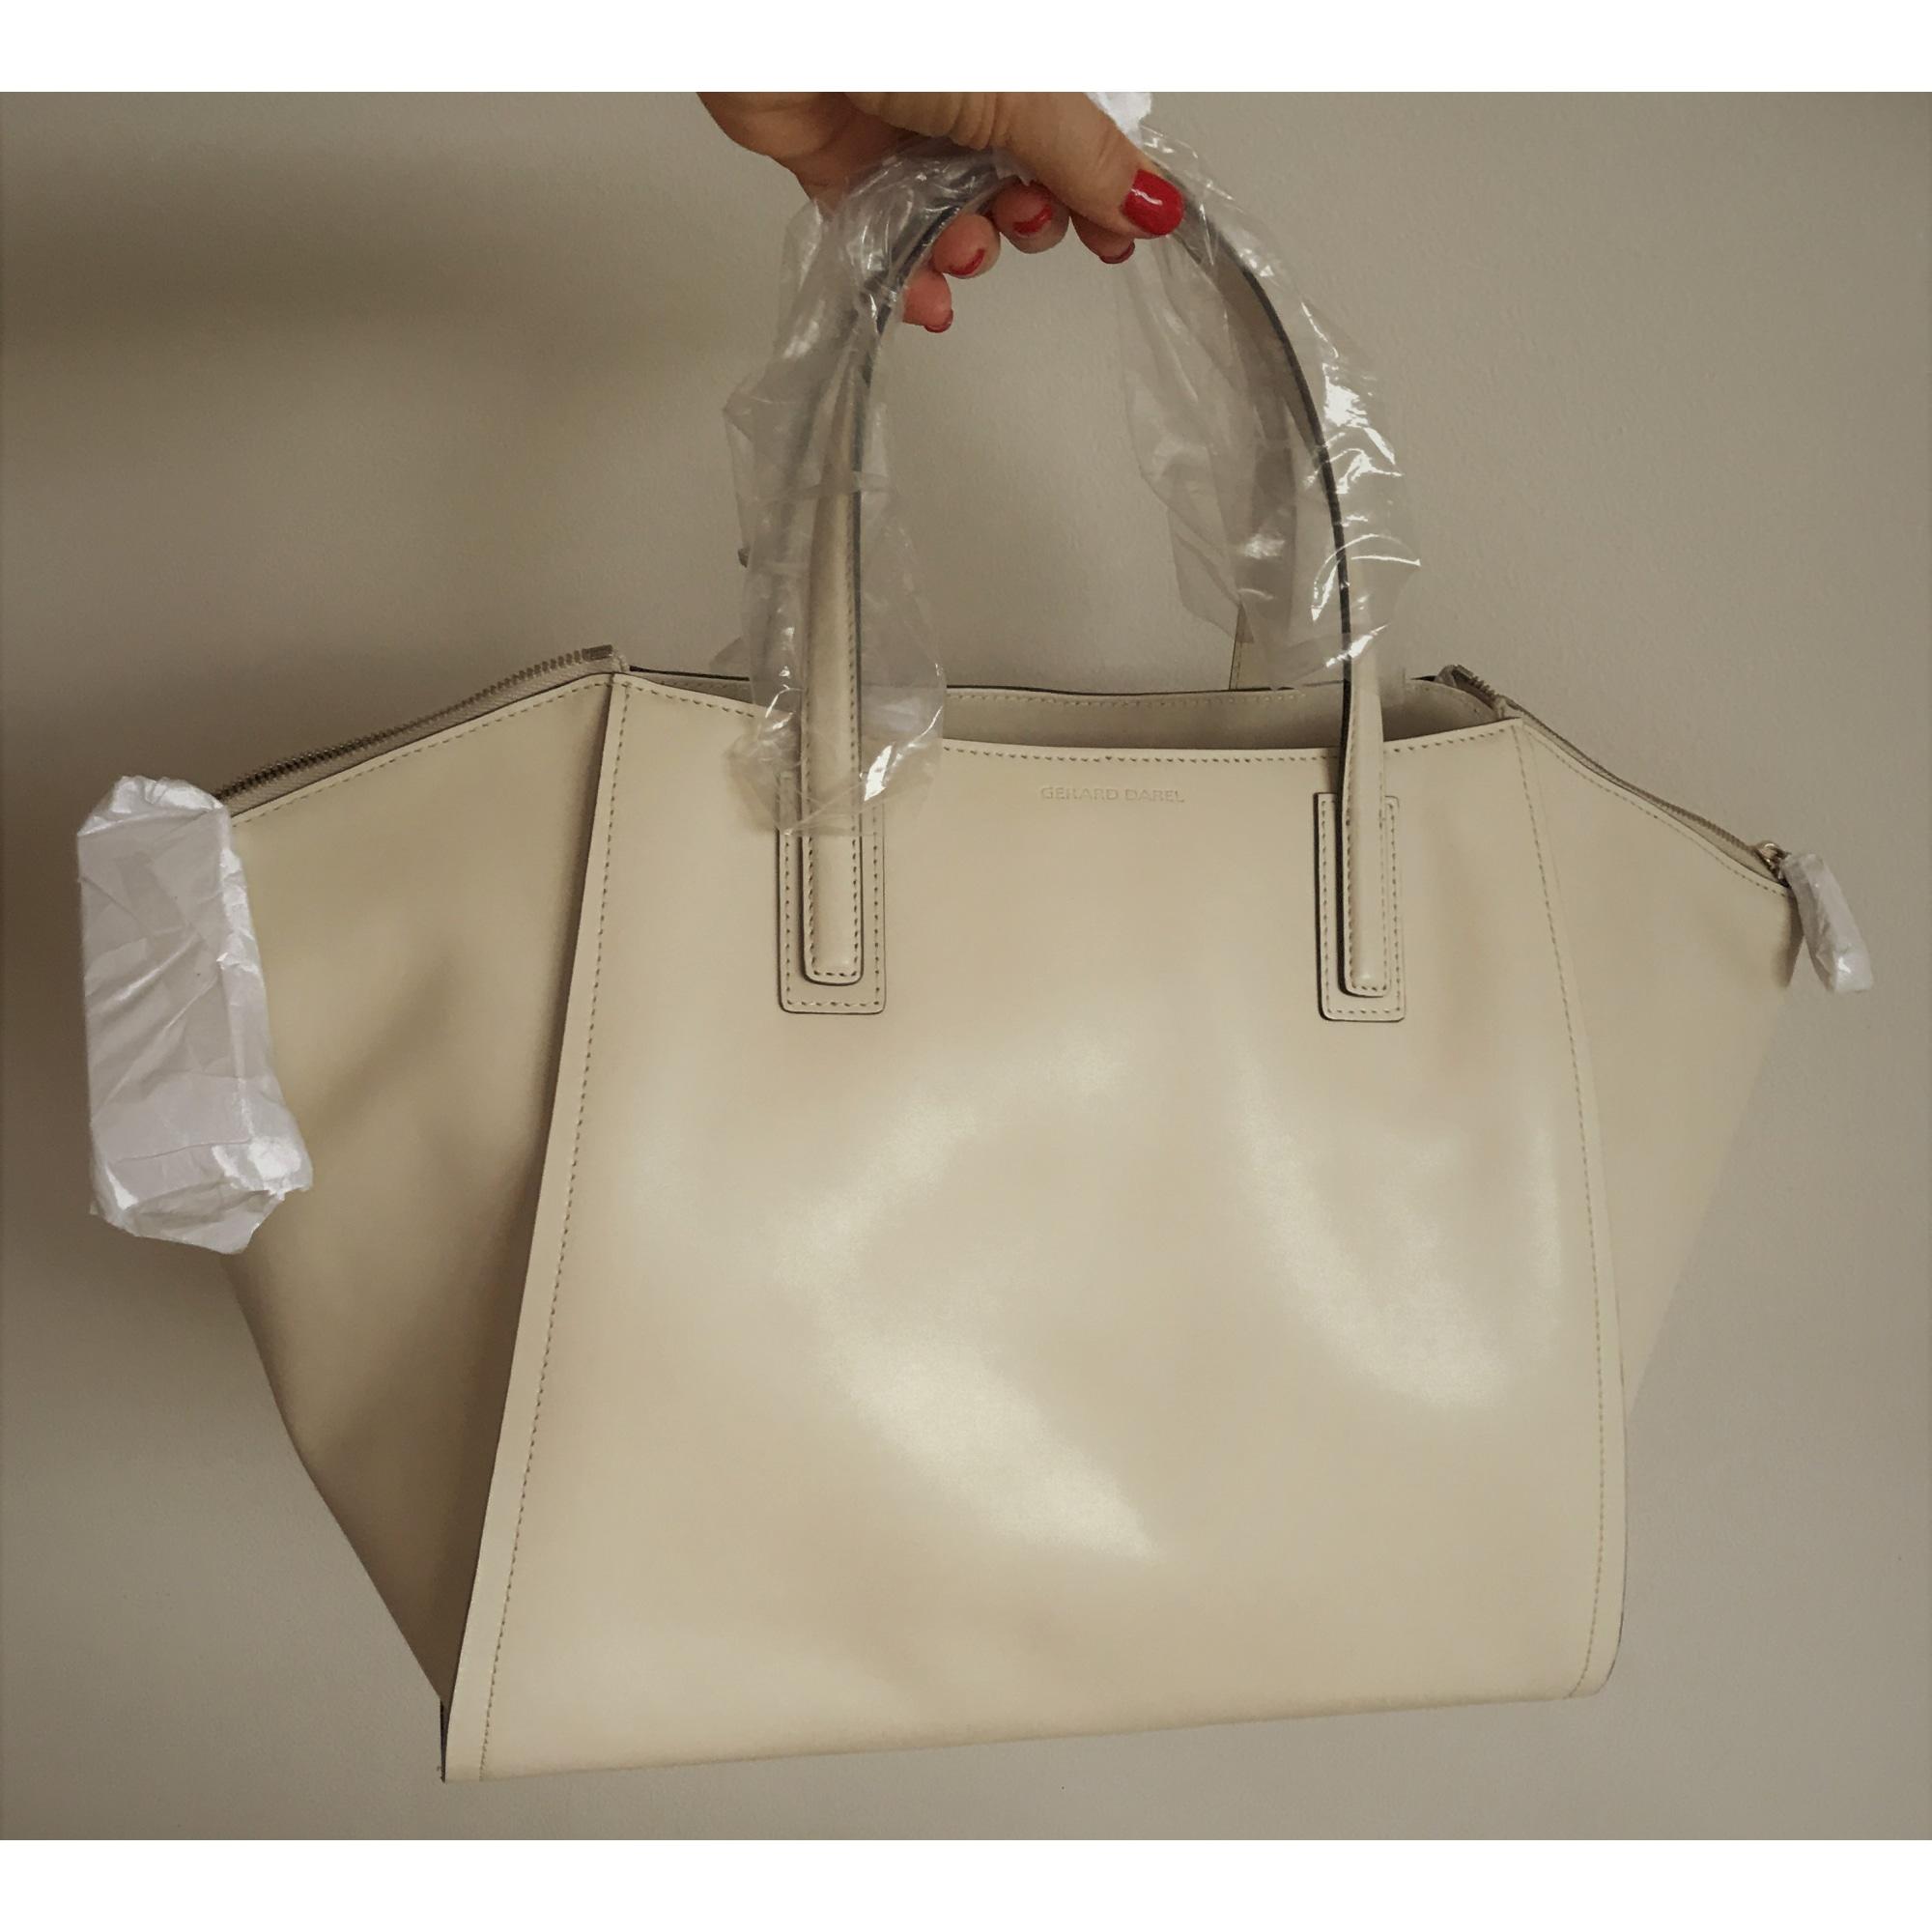 Sac à main en cuir GERARD DAREL creme ivoire blanc cassé vendu par ... 0799872608c2